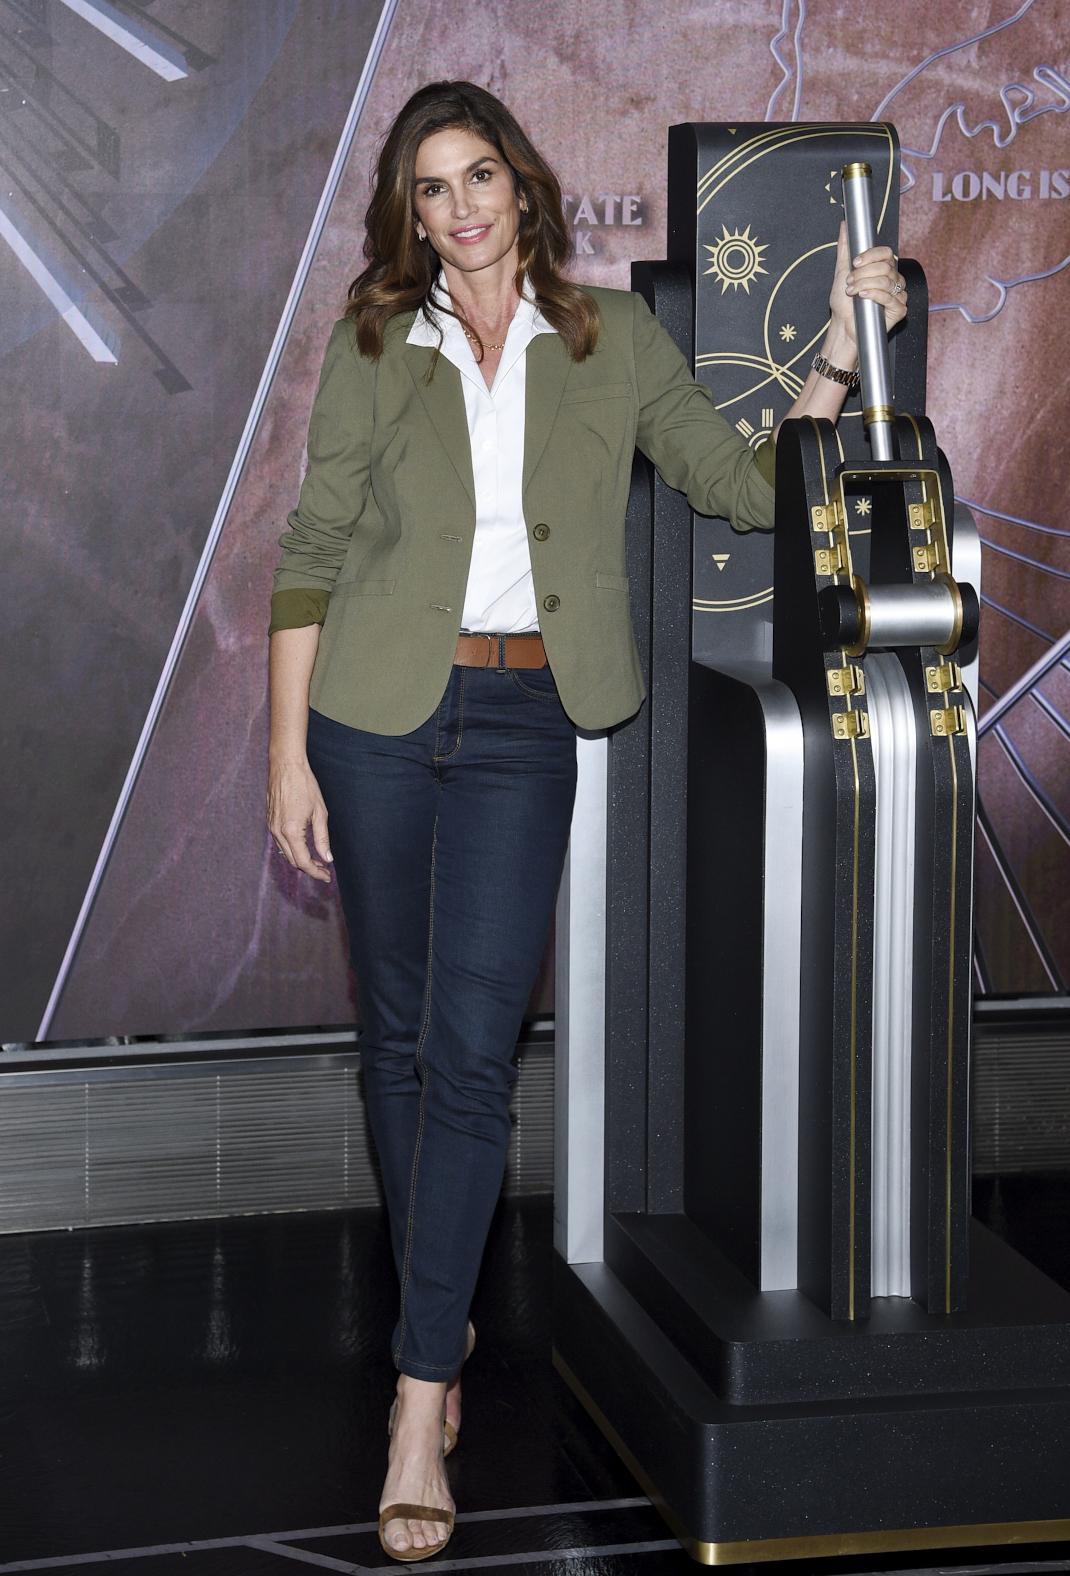 Η Σίντι Κρόφορντ με σακάκι και τζιν θυμίζει το supermodel που λατρέψαμε στα 90ς